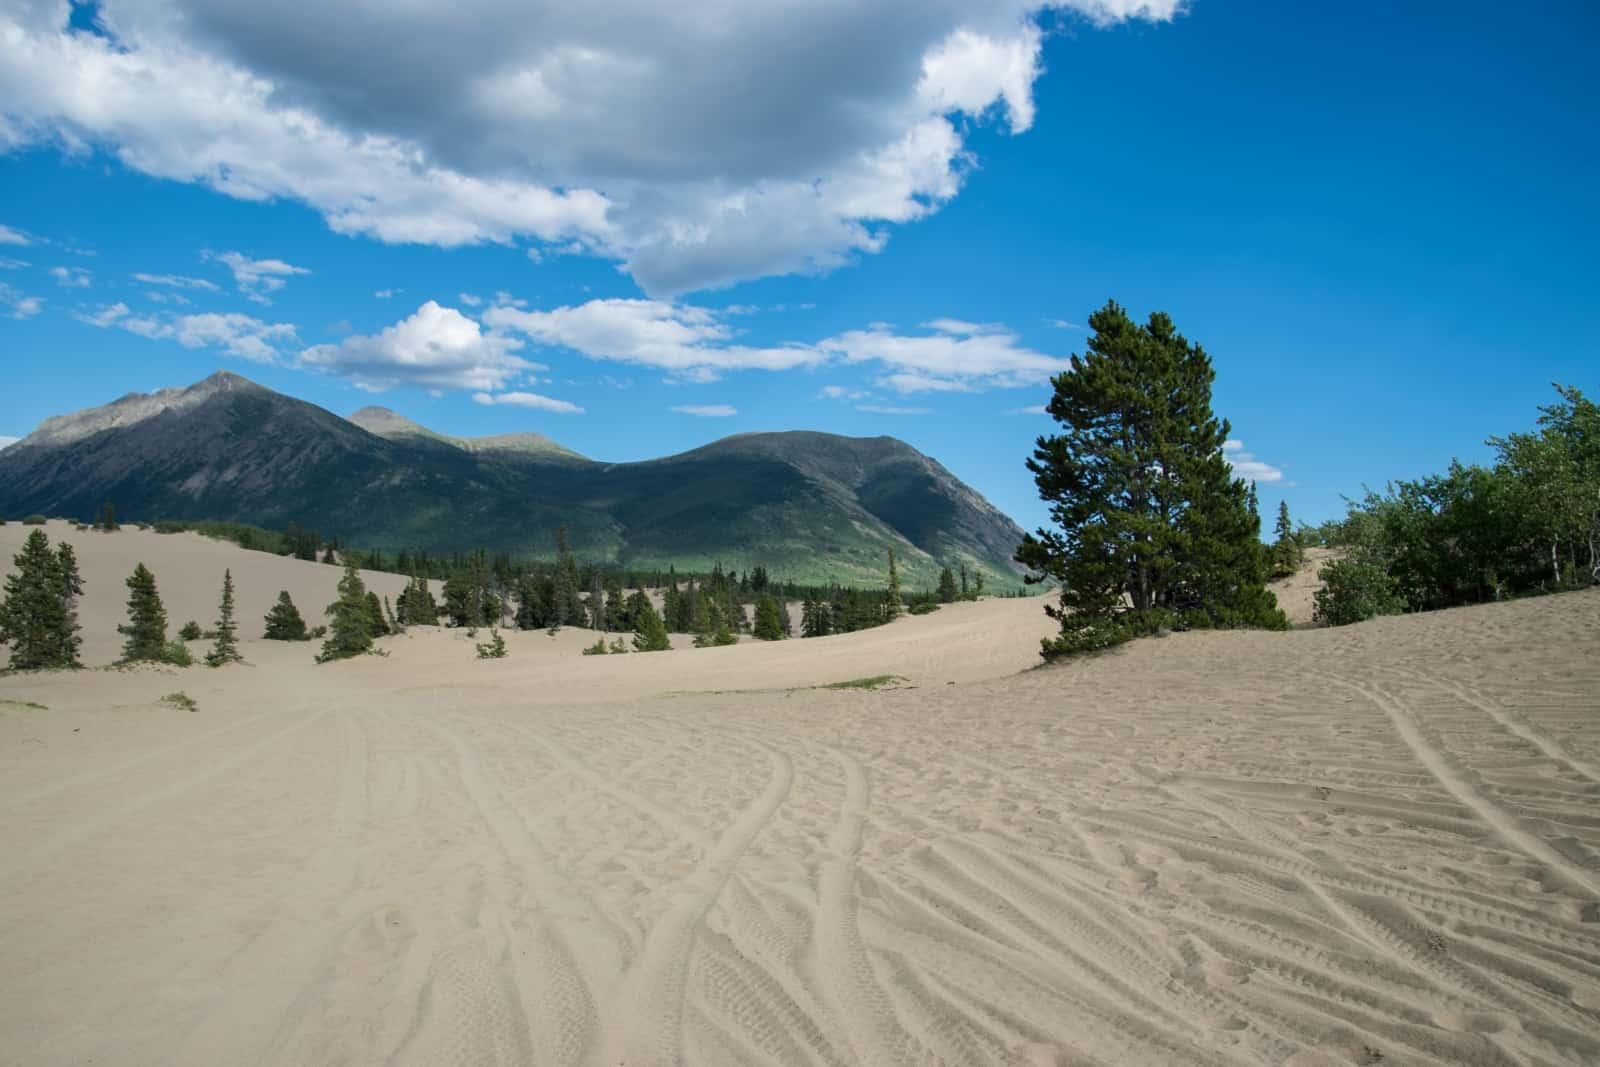 Die kleinste Sandwüste der Welt, Carcross Desert. Foto Daniela Ganz